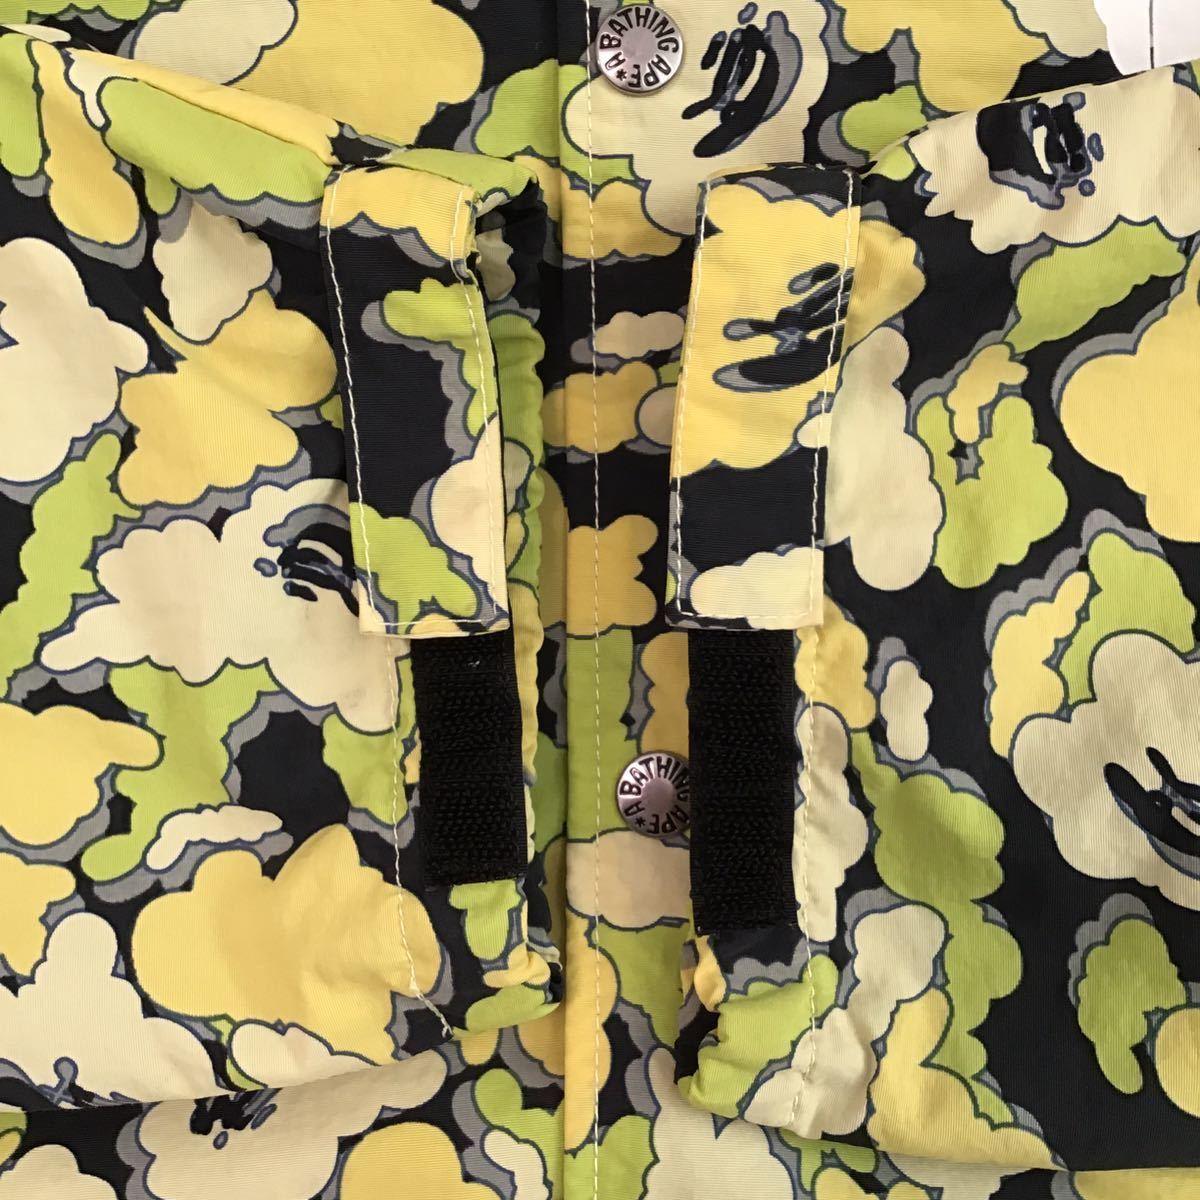 ★激レア★ kaws × BAPE cloud camo コーチジャケット Lサイズ a bathing ape jacket エイプ ベイプ アベイシングエイプ カウズ nigo 393